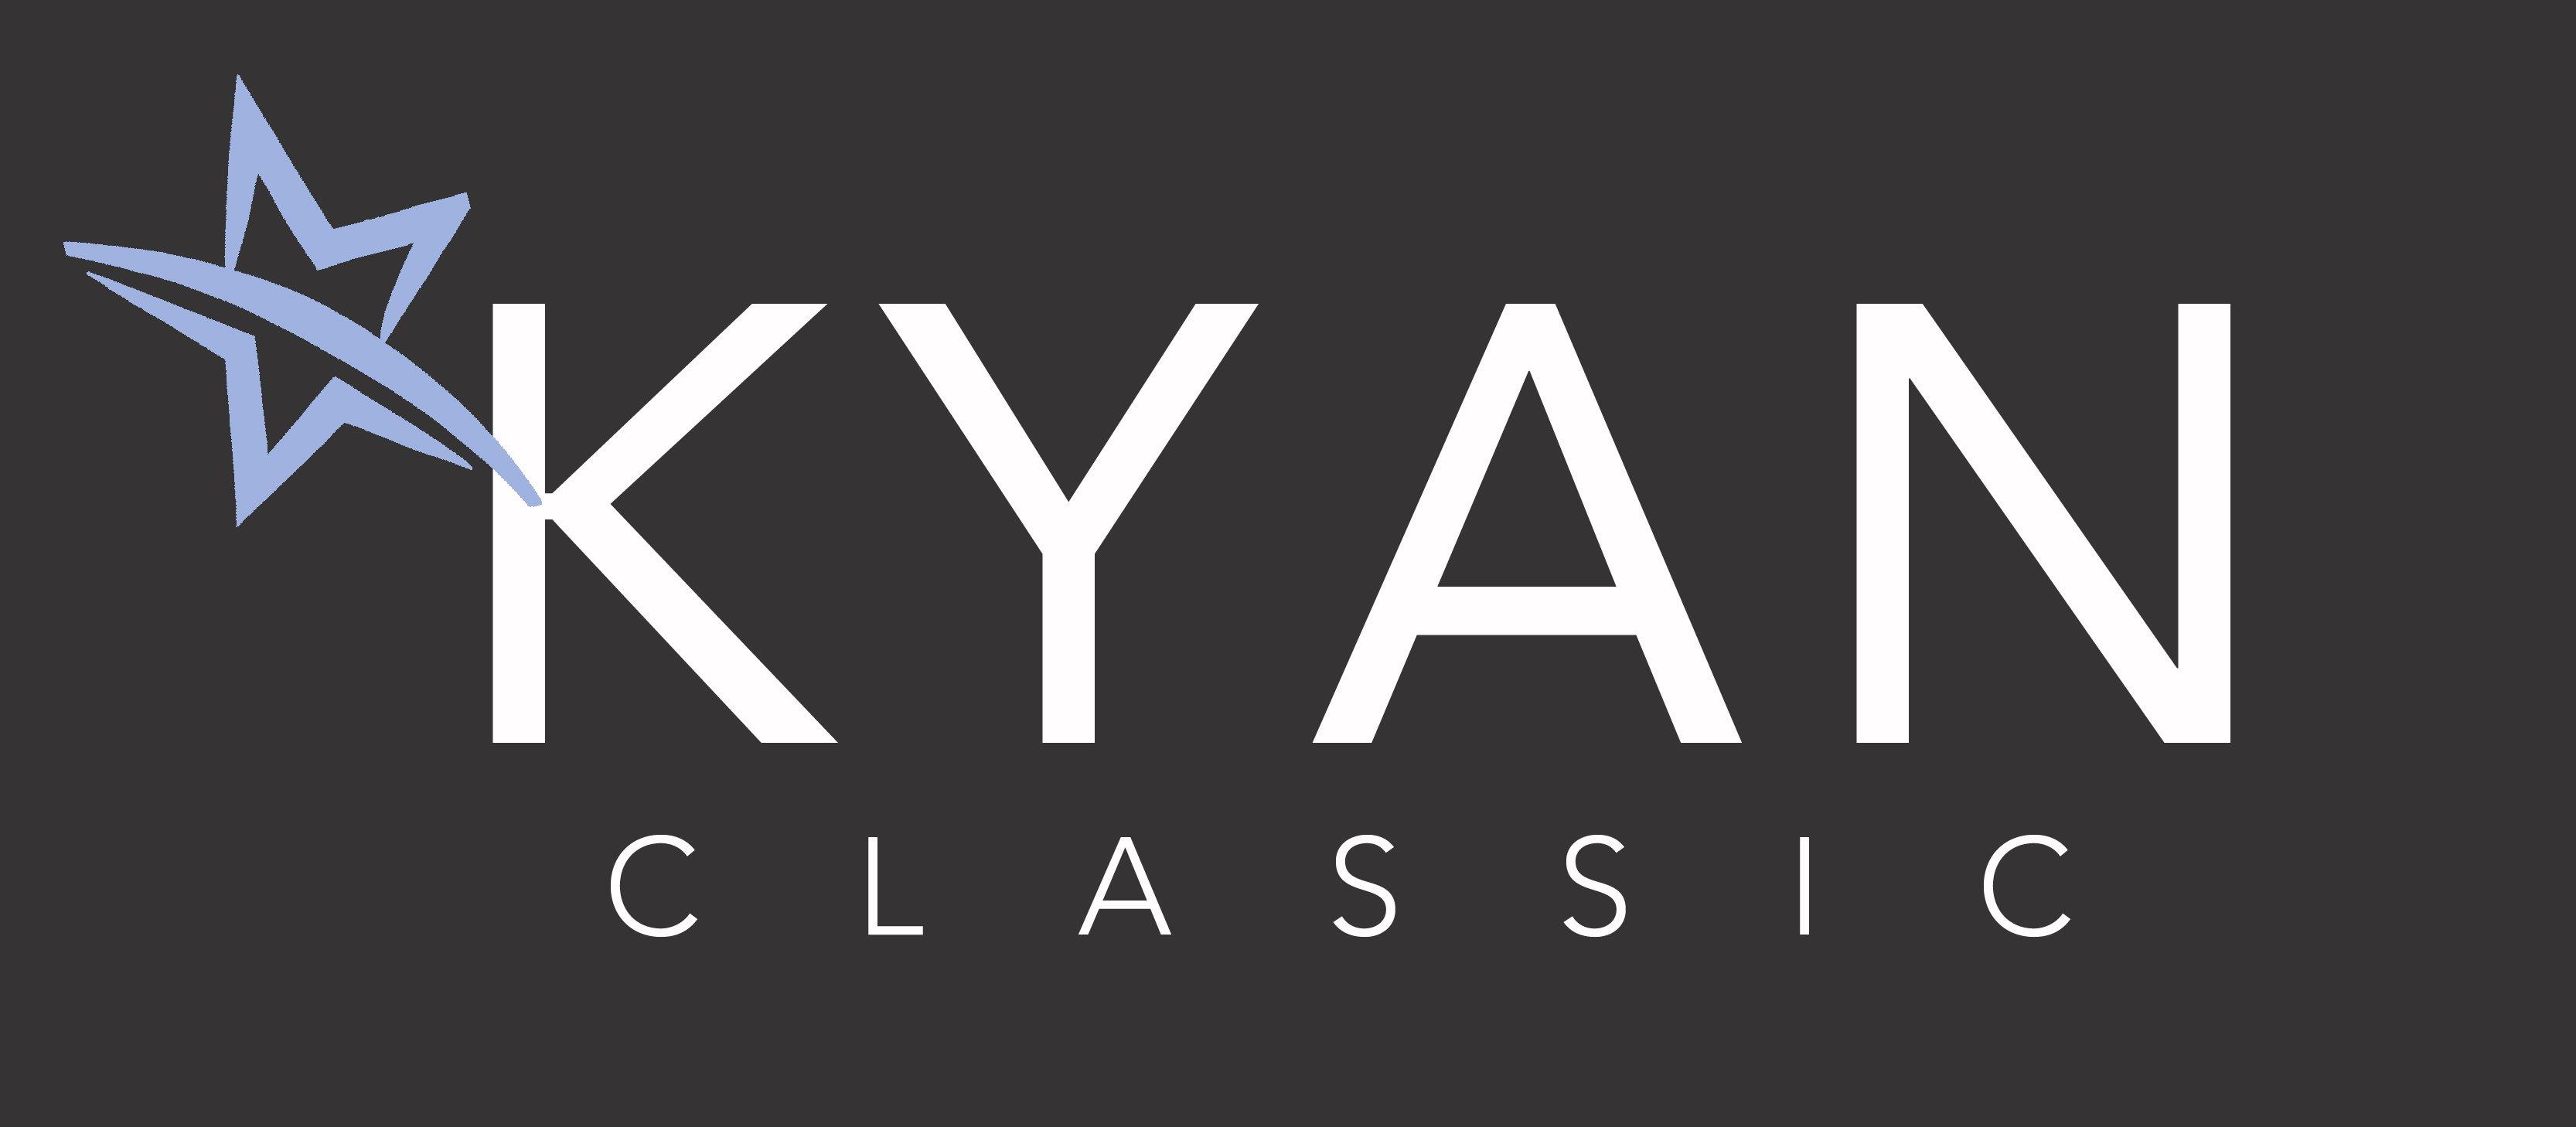 Kyan Classic